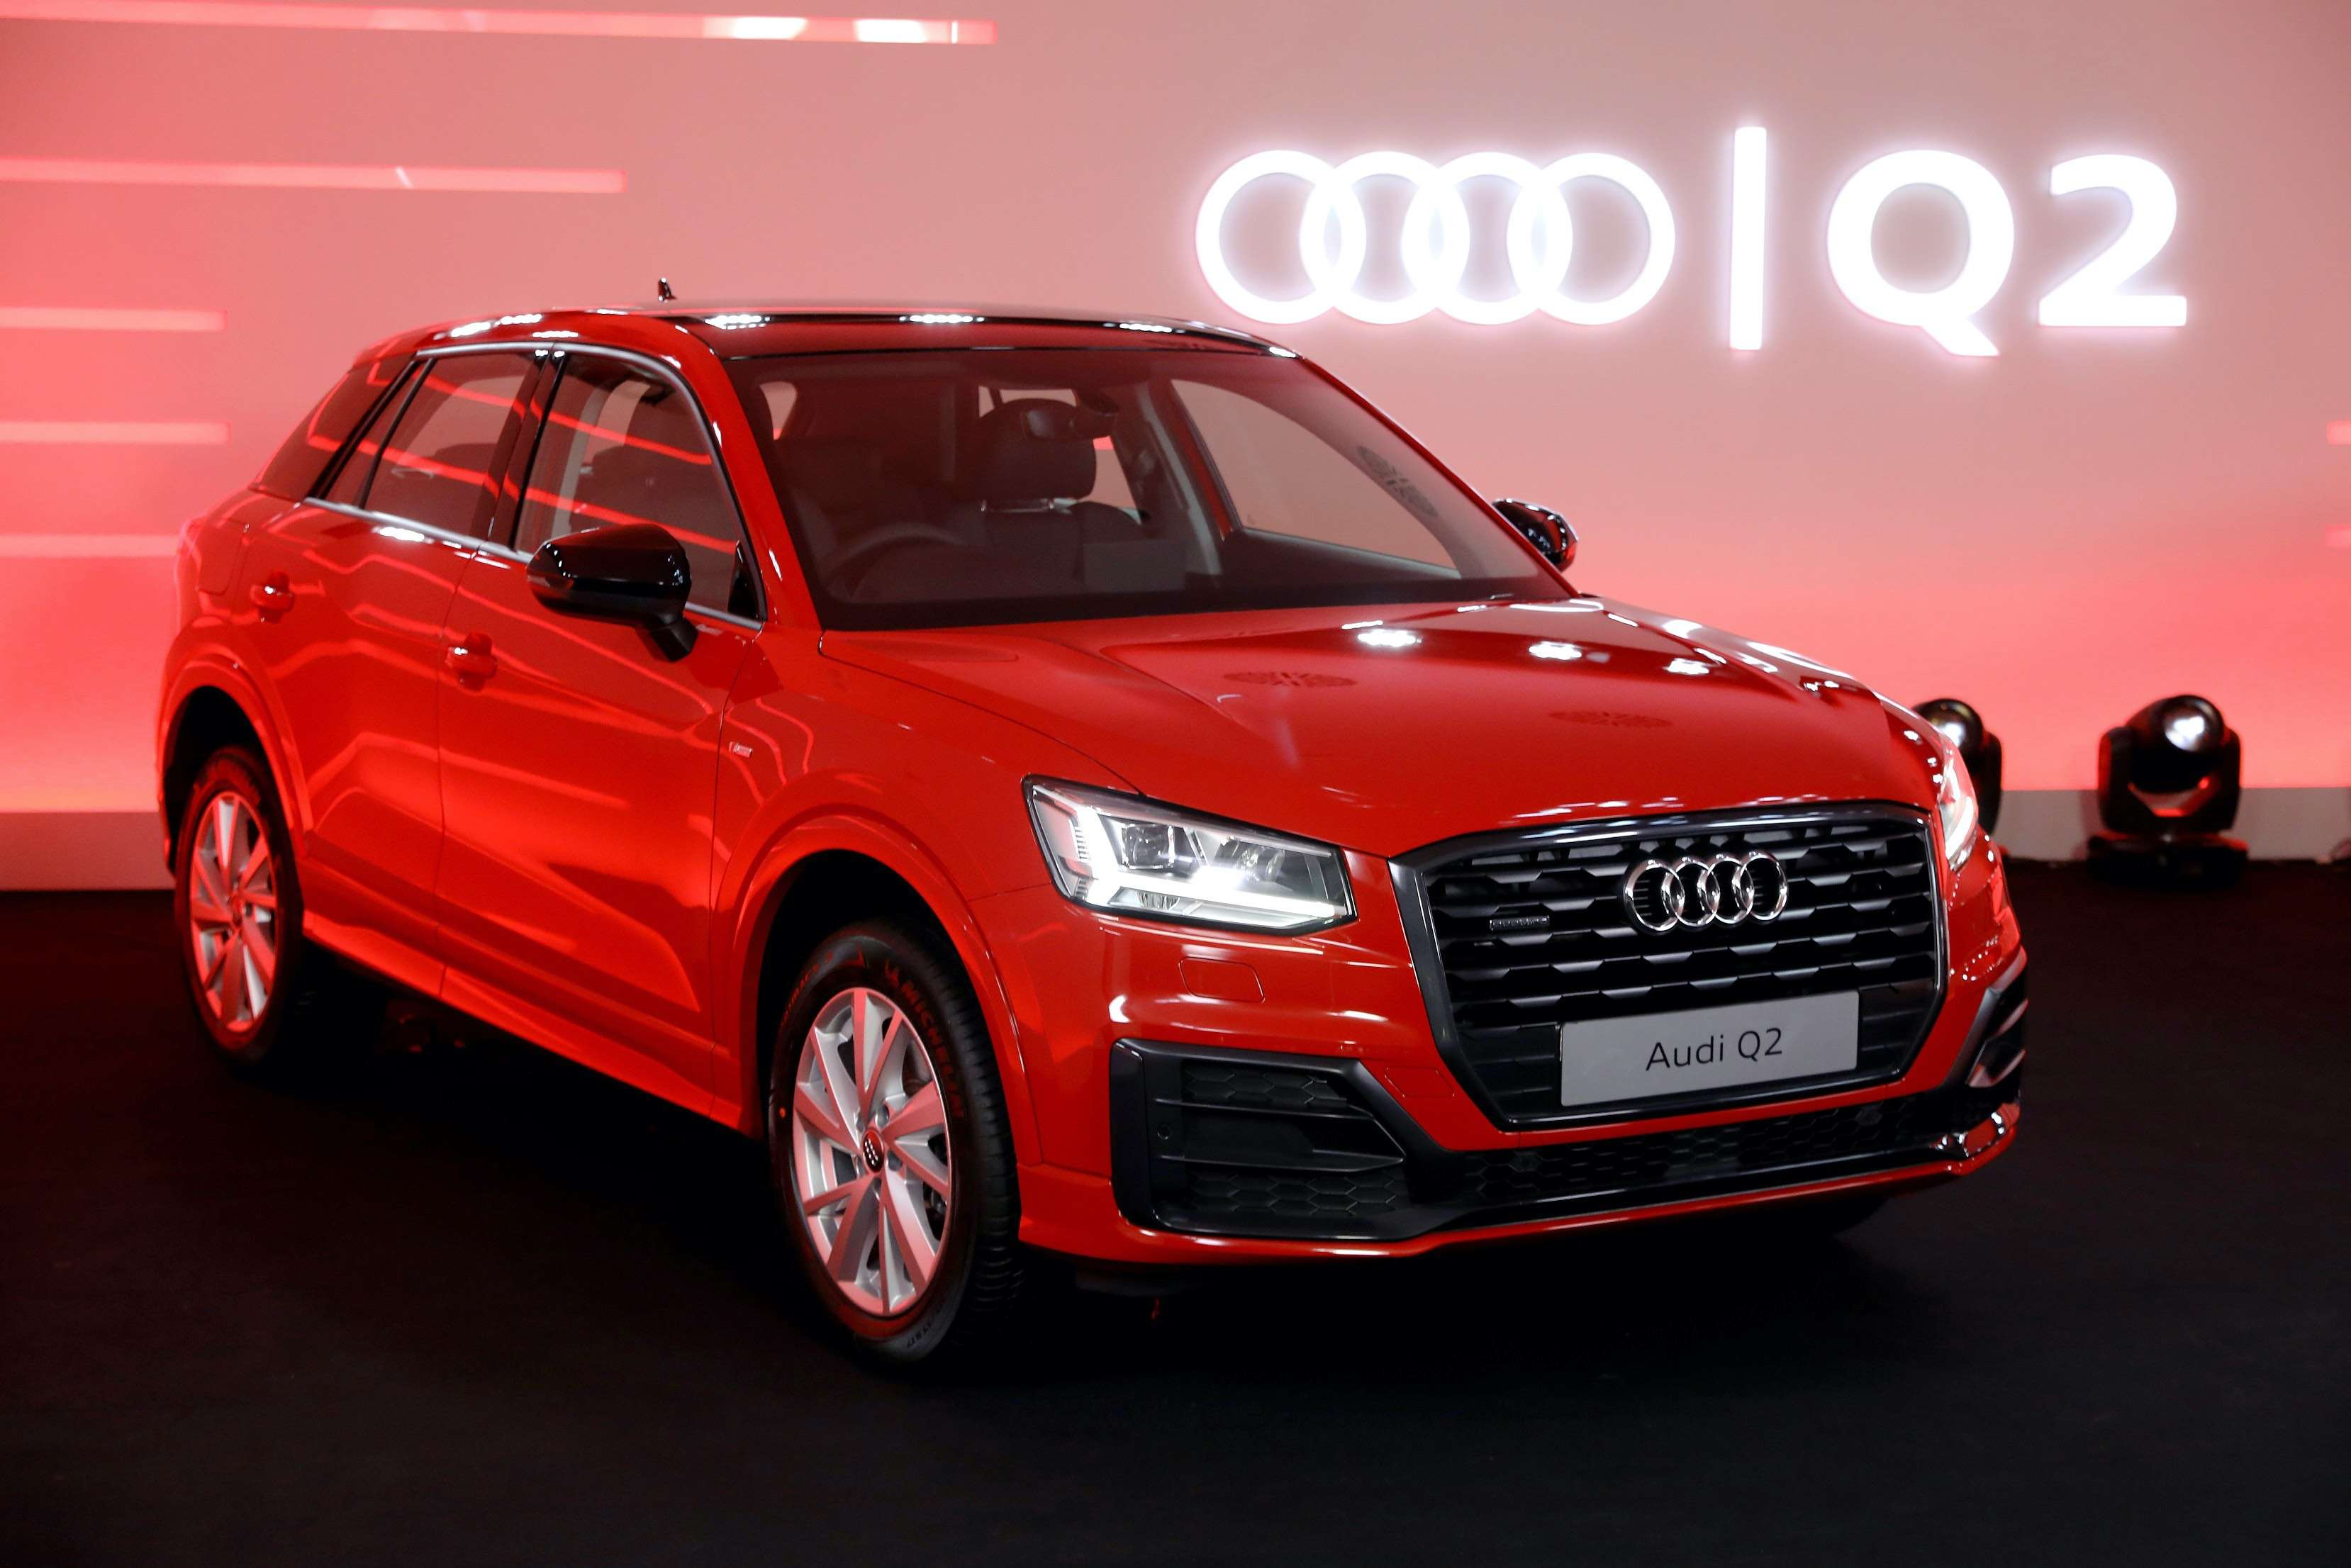 Kekurangan Audi Auto Perbandingan Harga